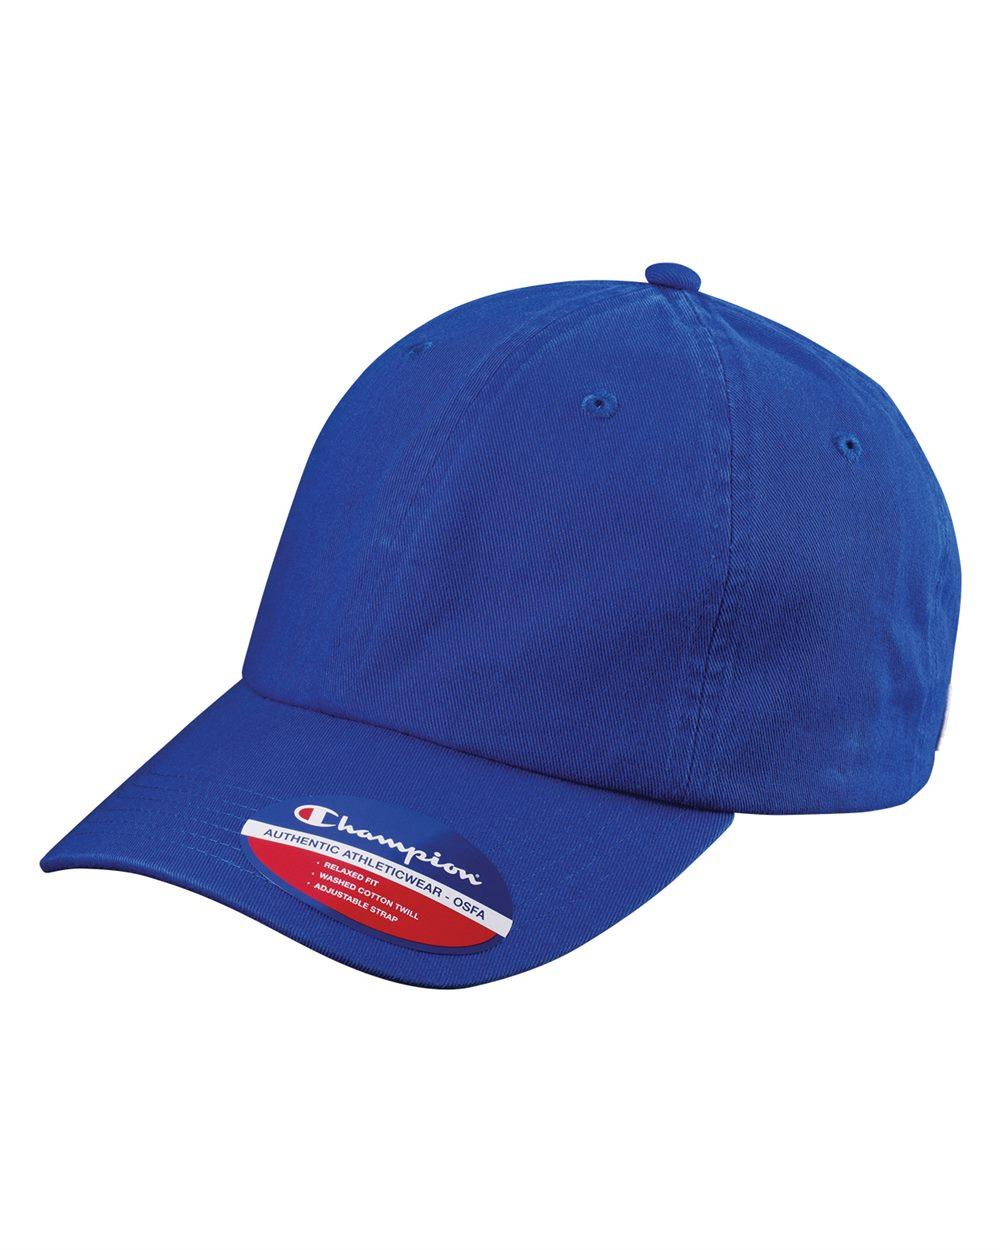 6bf7dd3882dd2 Champion CS4000 - Washed Twill Dad Cap  9.36 - Headwear